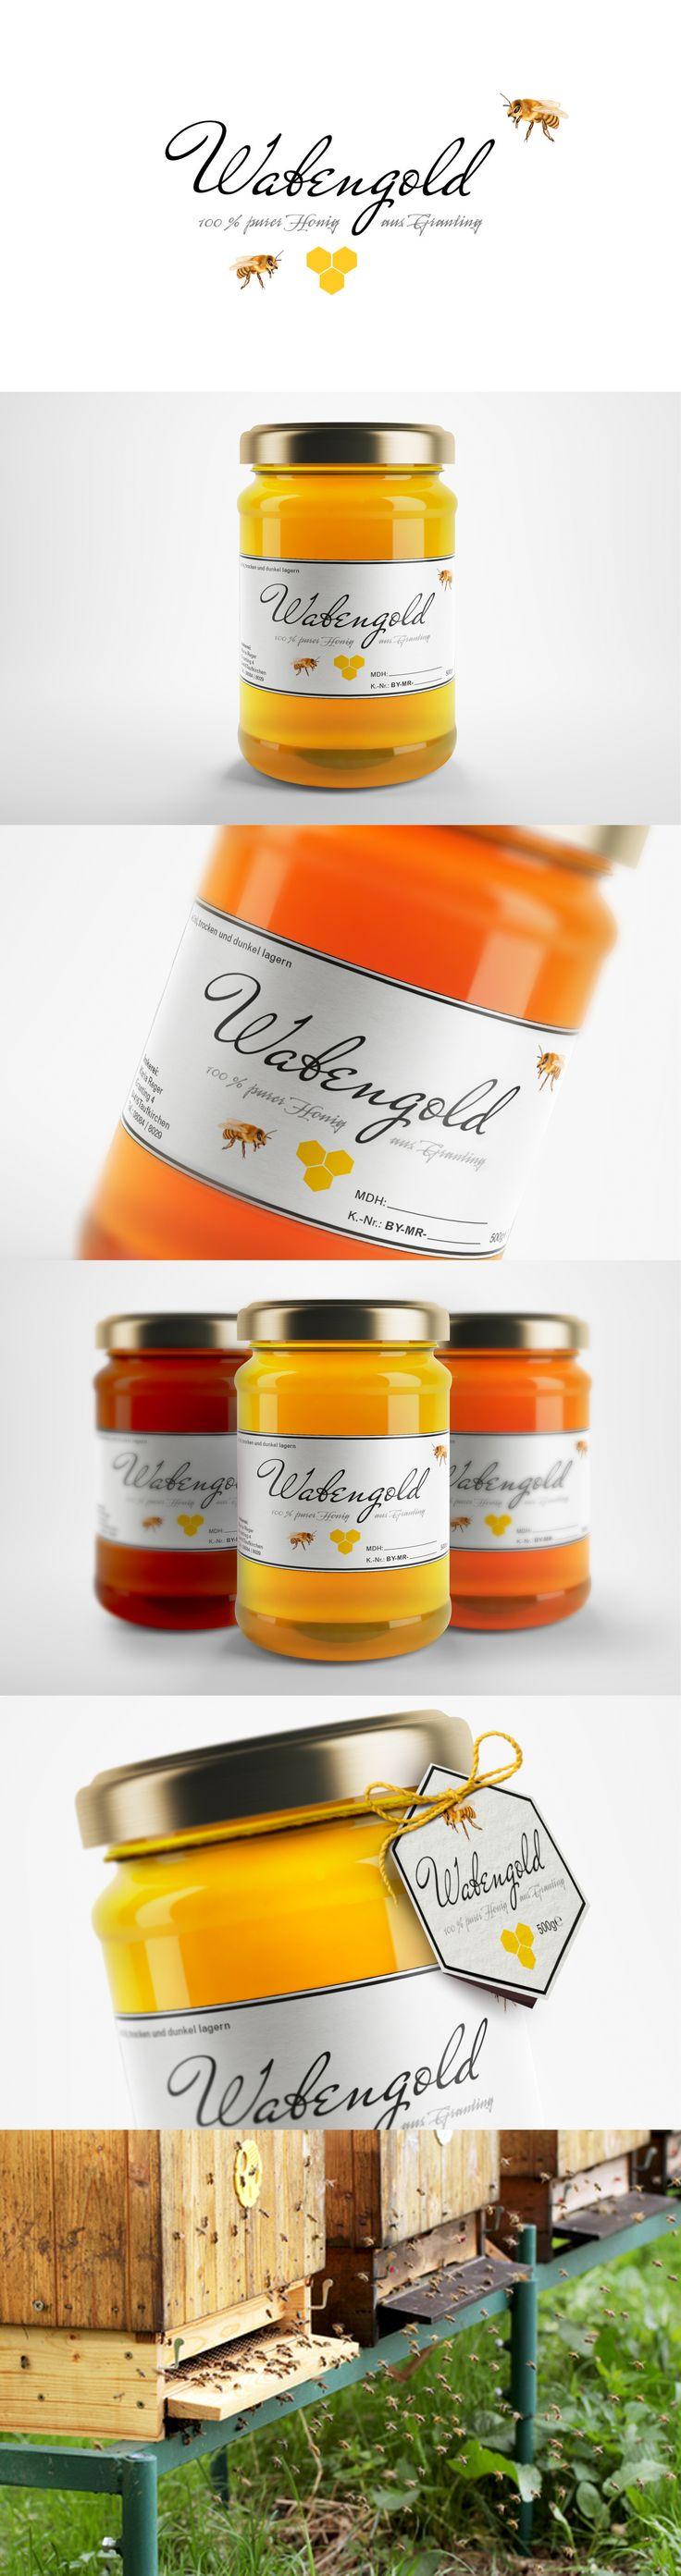 Design Honigglas Wabengold reger's Kommunikationsagentur